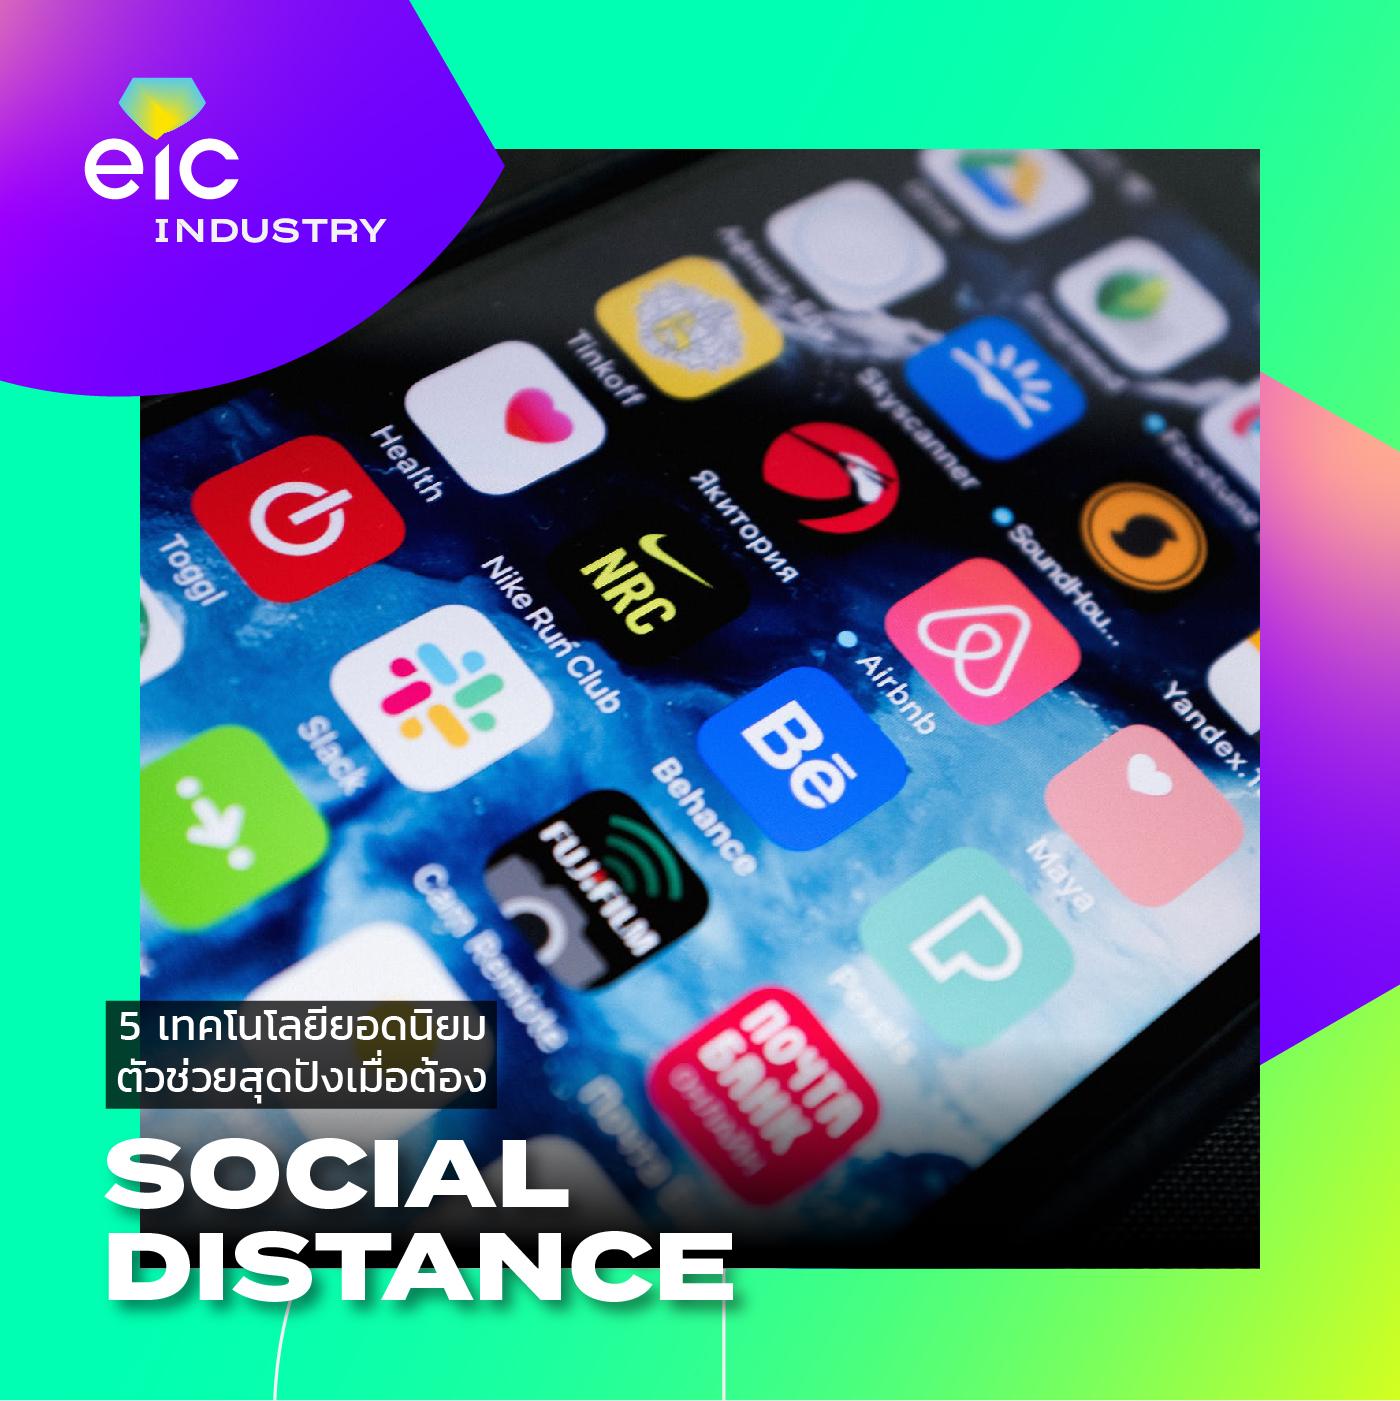 5 เทคโนโลยีที่ต้องมีในช่วง Social Distancing